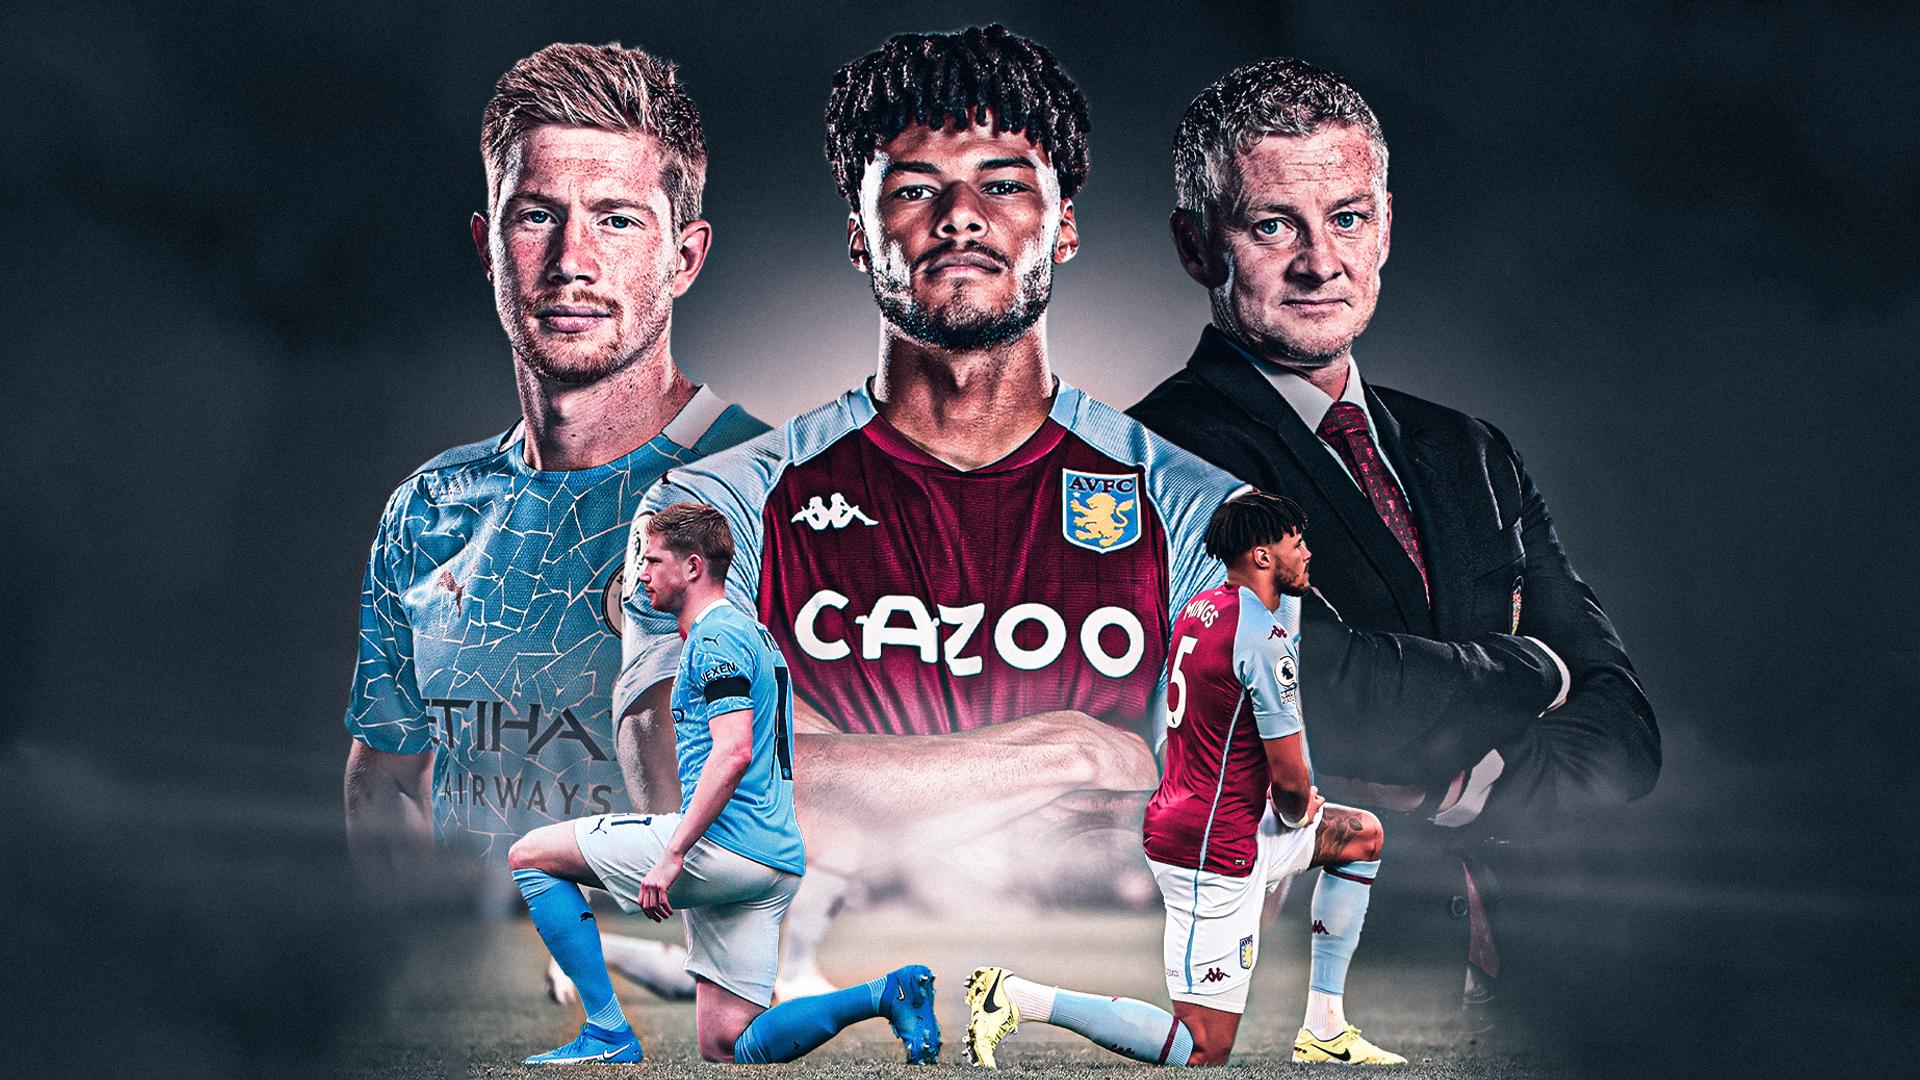 futbol,-george-floyd'un-oldurulmesinden-bir-yil-sonra-mi-degisti?